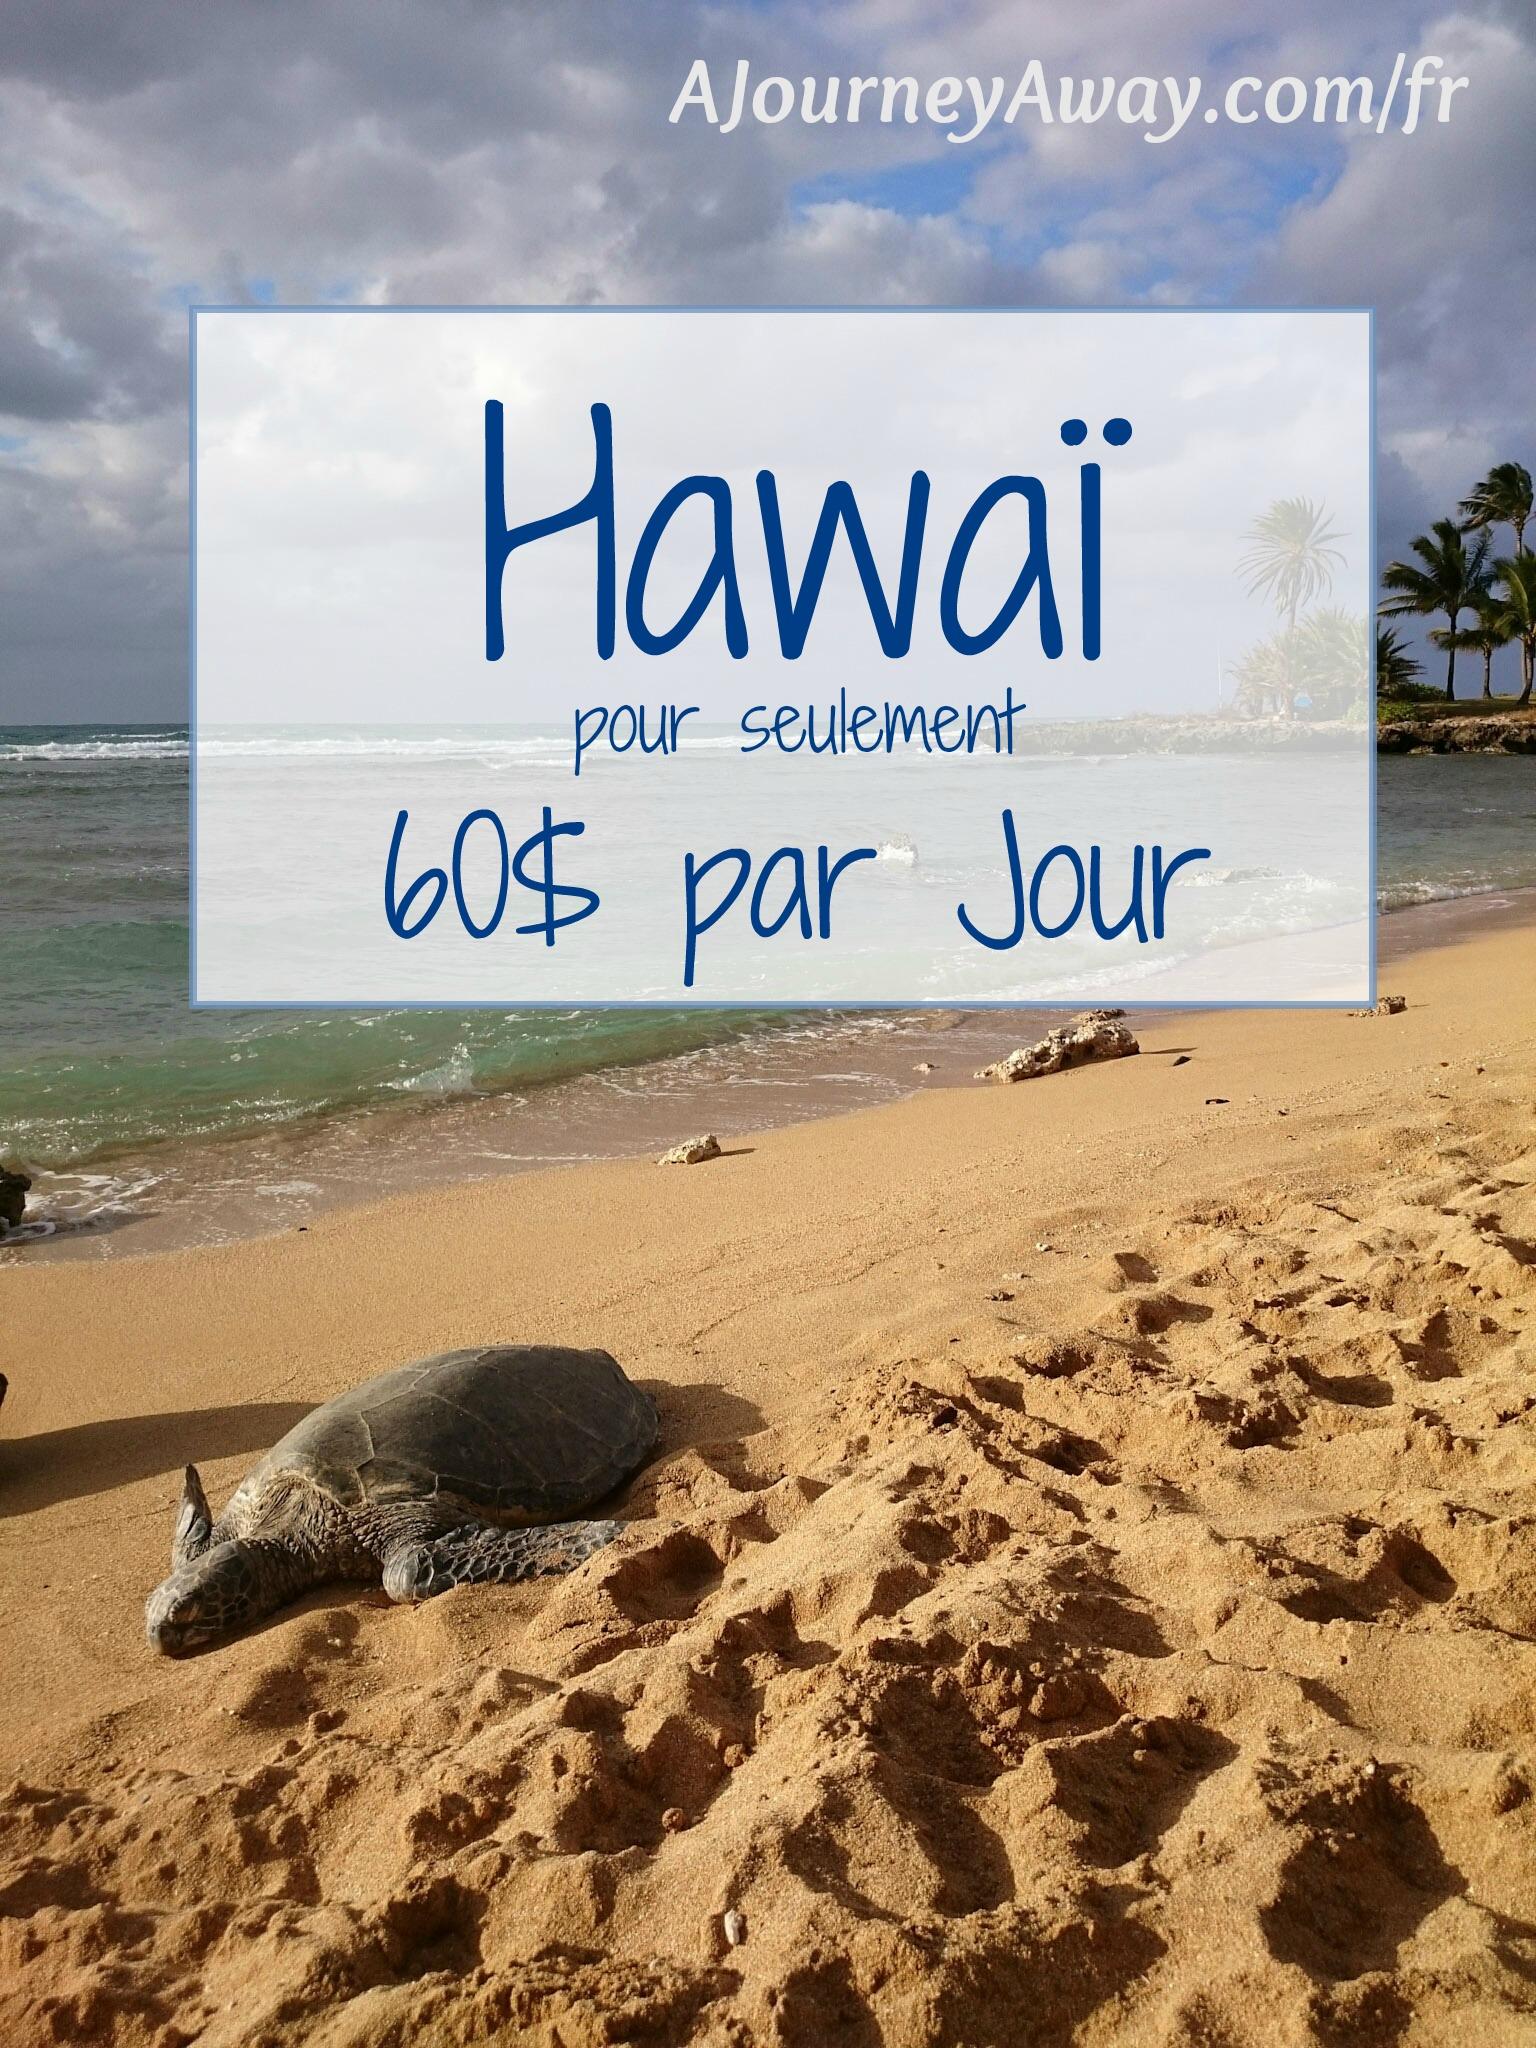 Comment voyager à Hawaï pour seulement 60 dollars par jour | A Journey Away